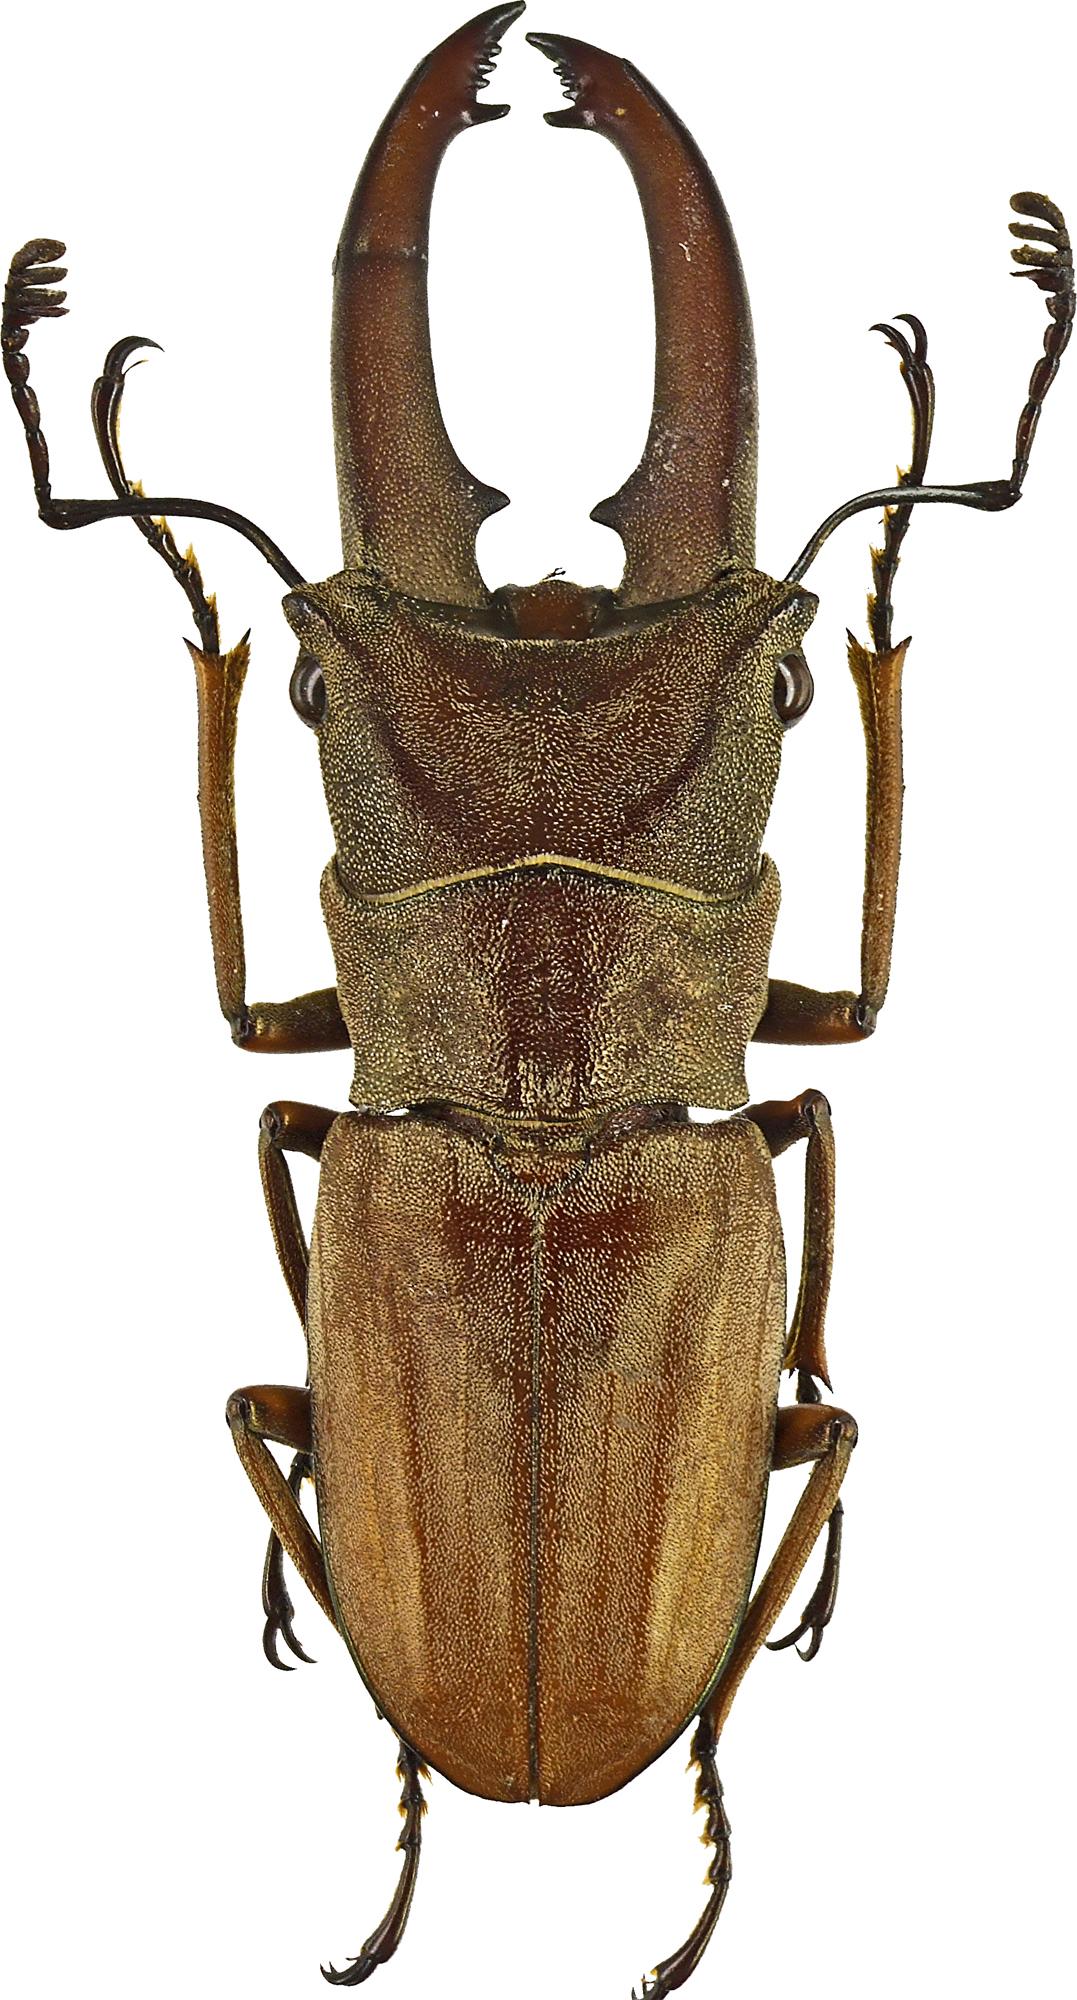 Cyclommatus canaliculatus canaliculatus 43203cz05.jpg